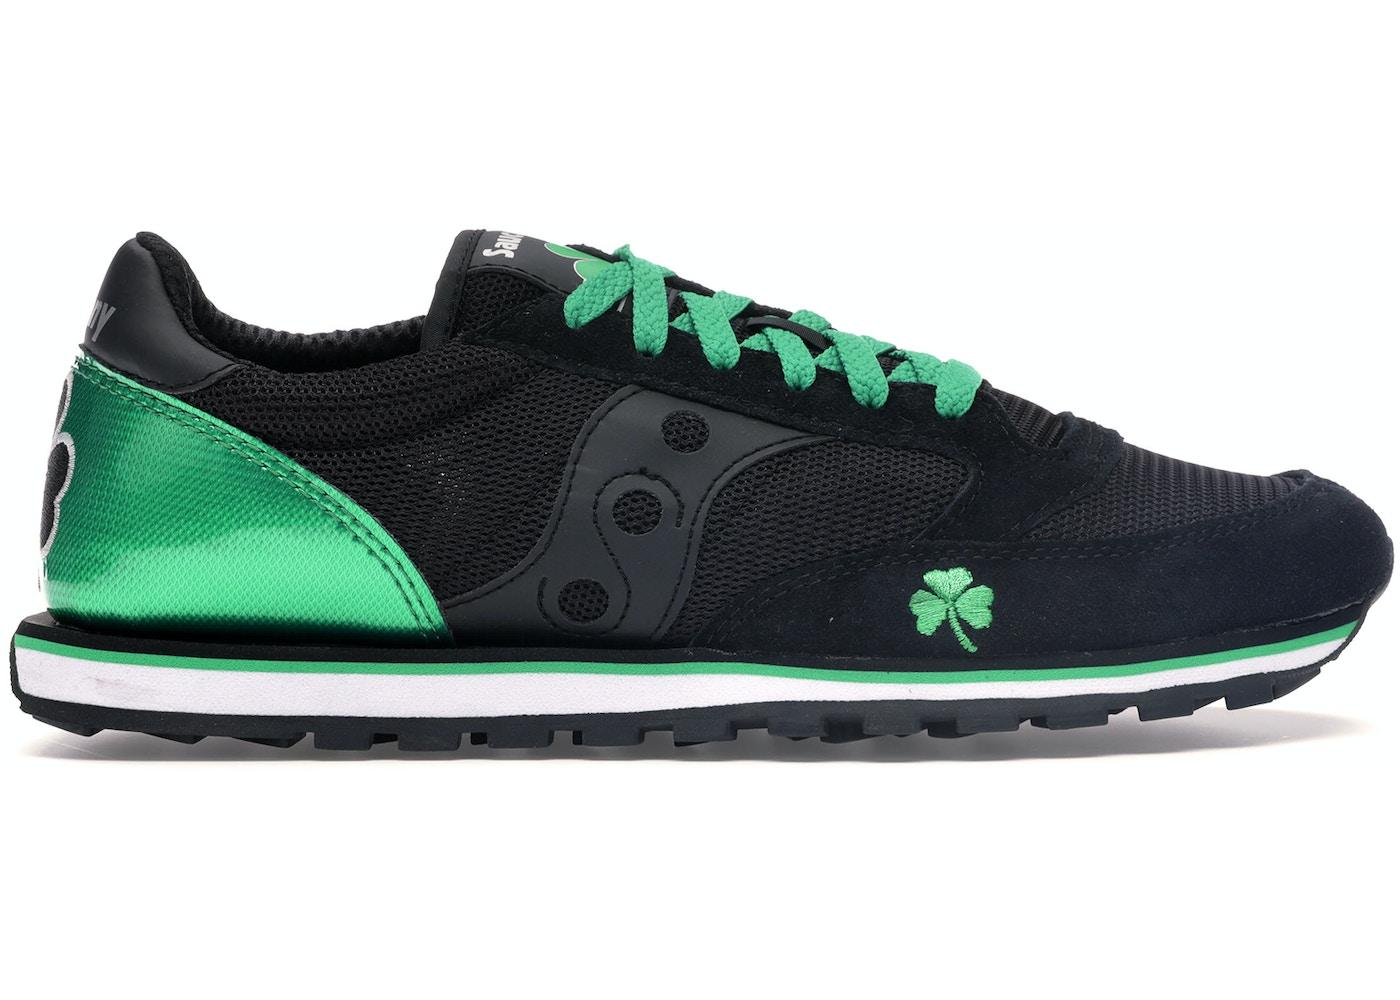 cf3c2751 Saucony Shoes - Lowest Ask